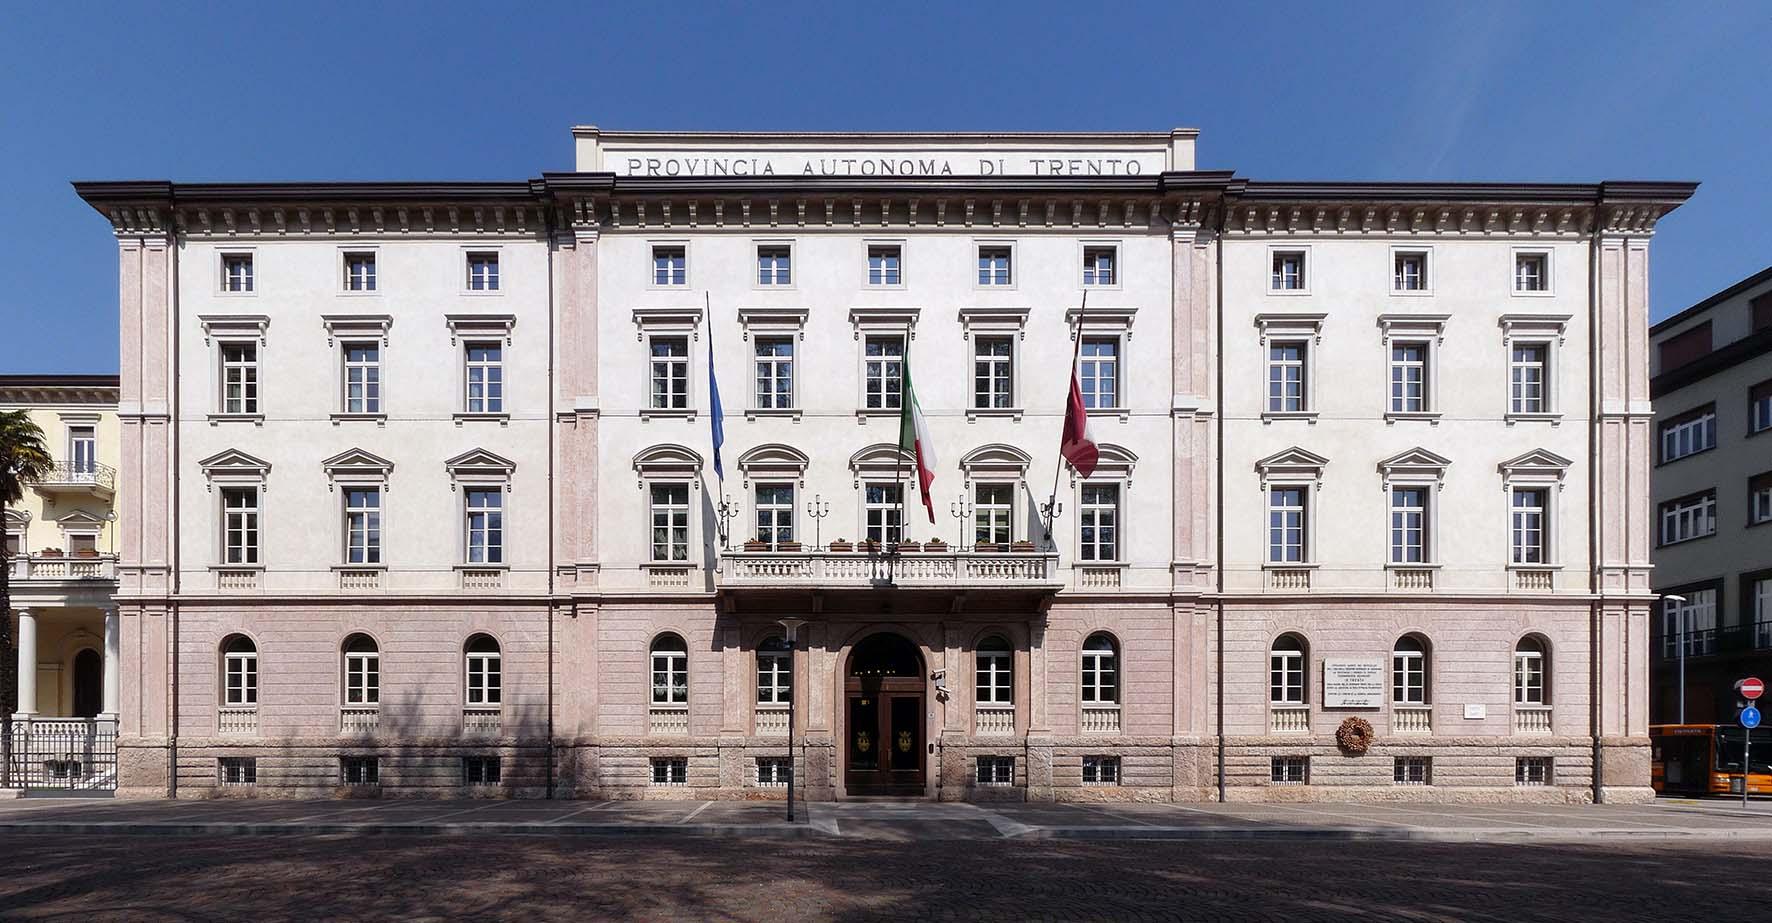 economia trentina Trento sede pat Palazzo della Provincia Autonoma di Trento front